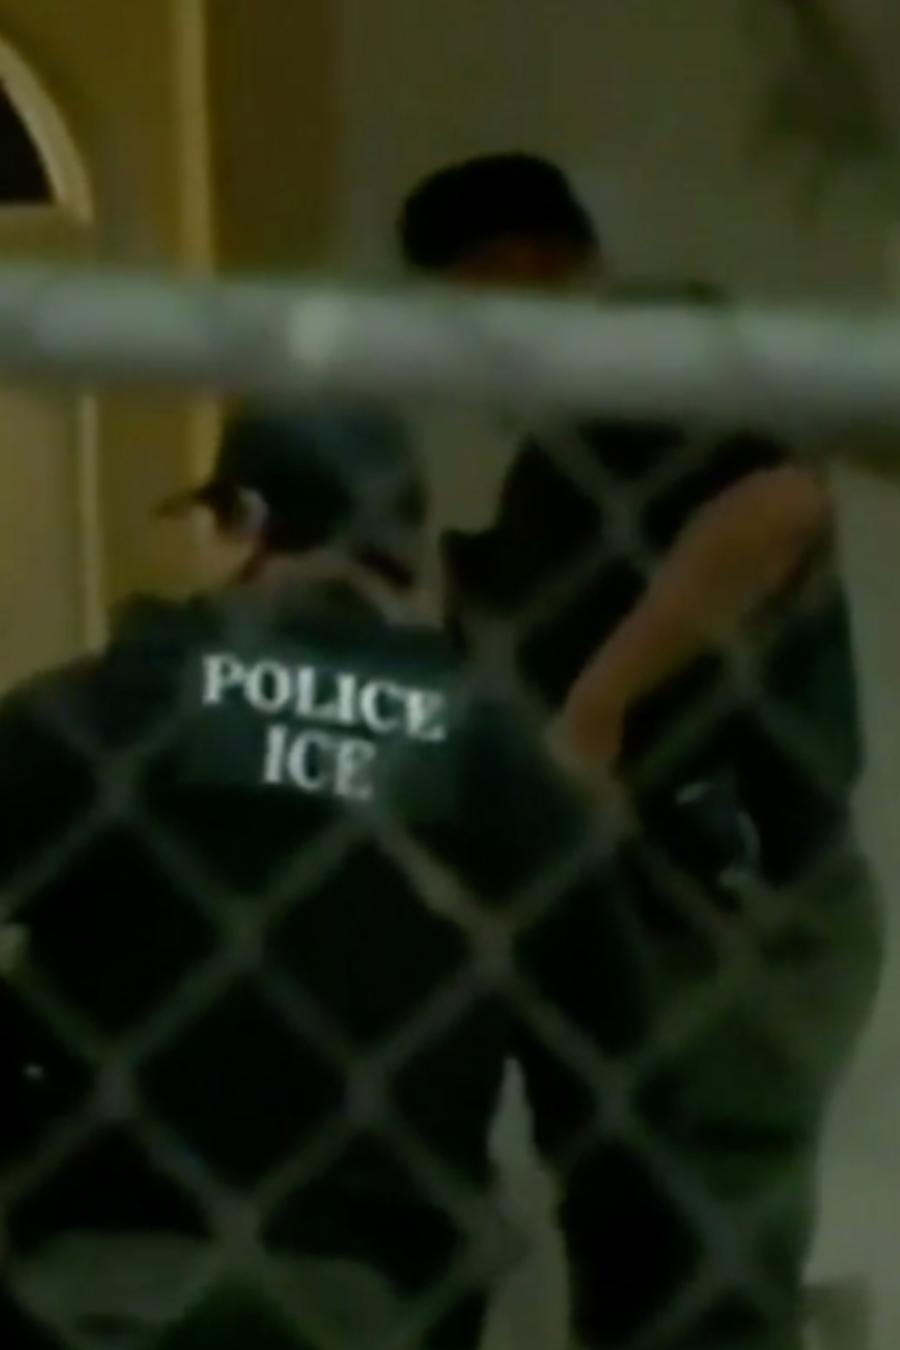 ICE arrestos